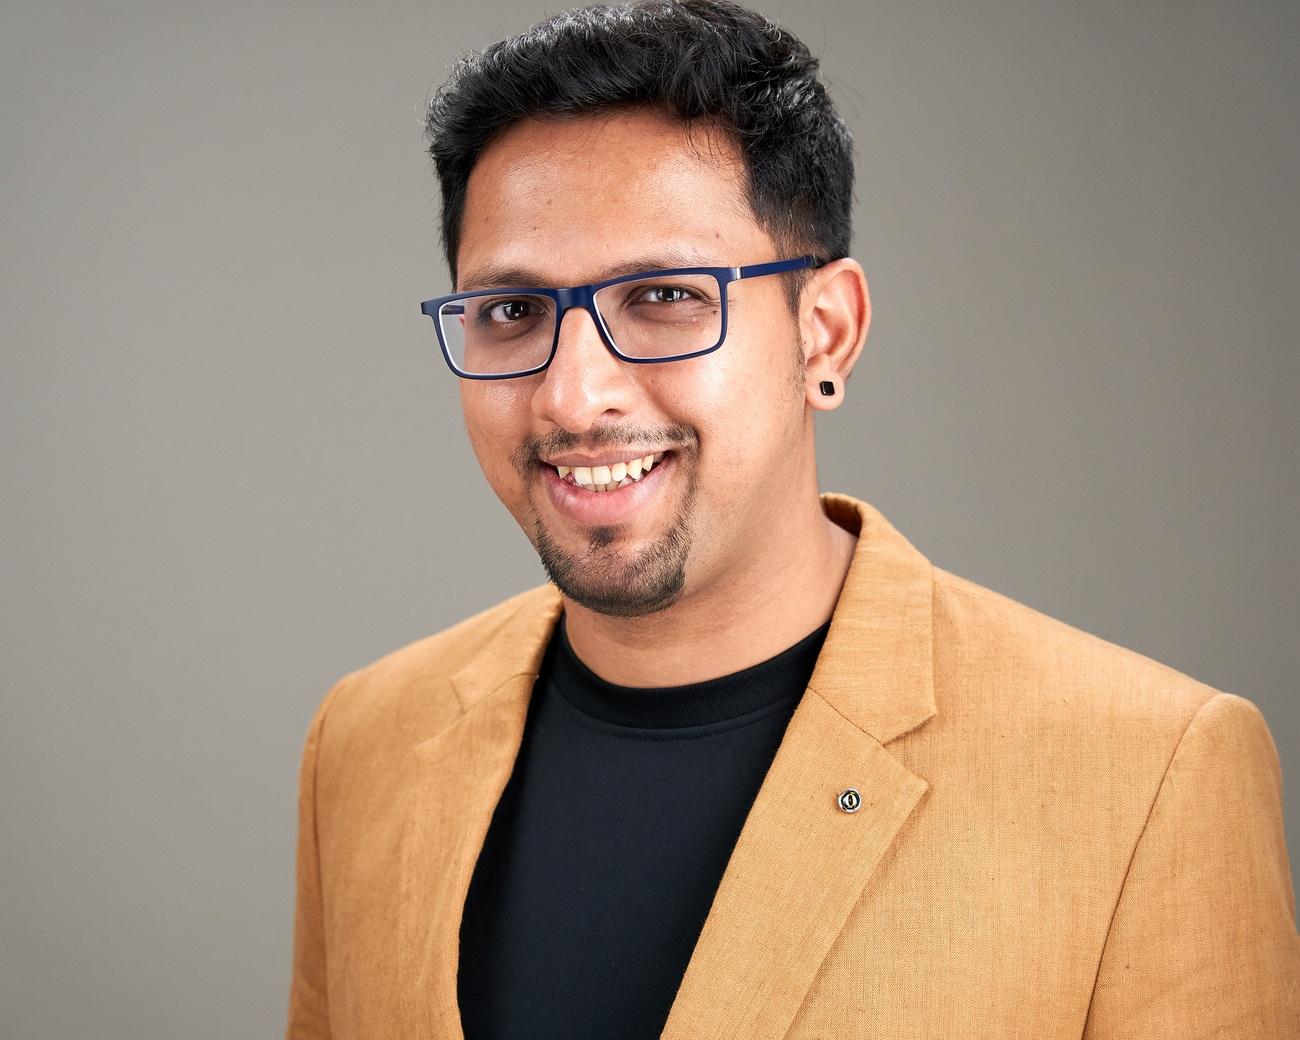 Vivek Iyyani